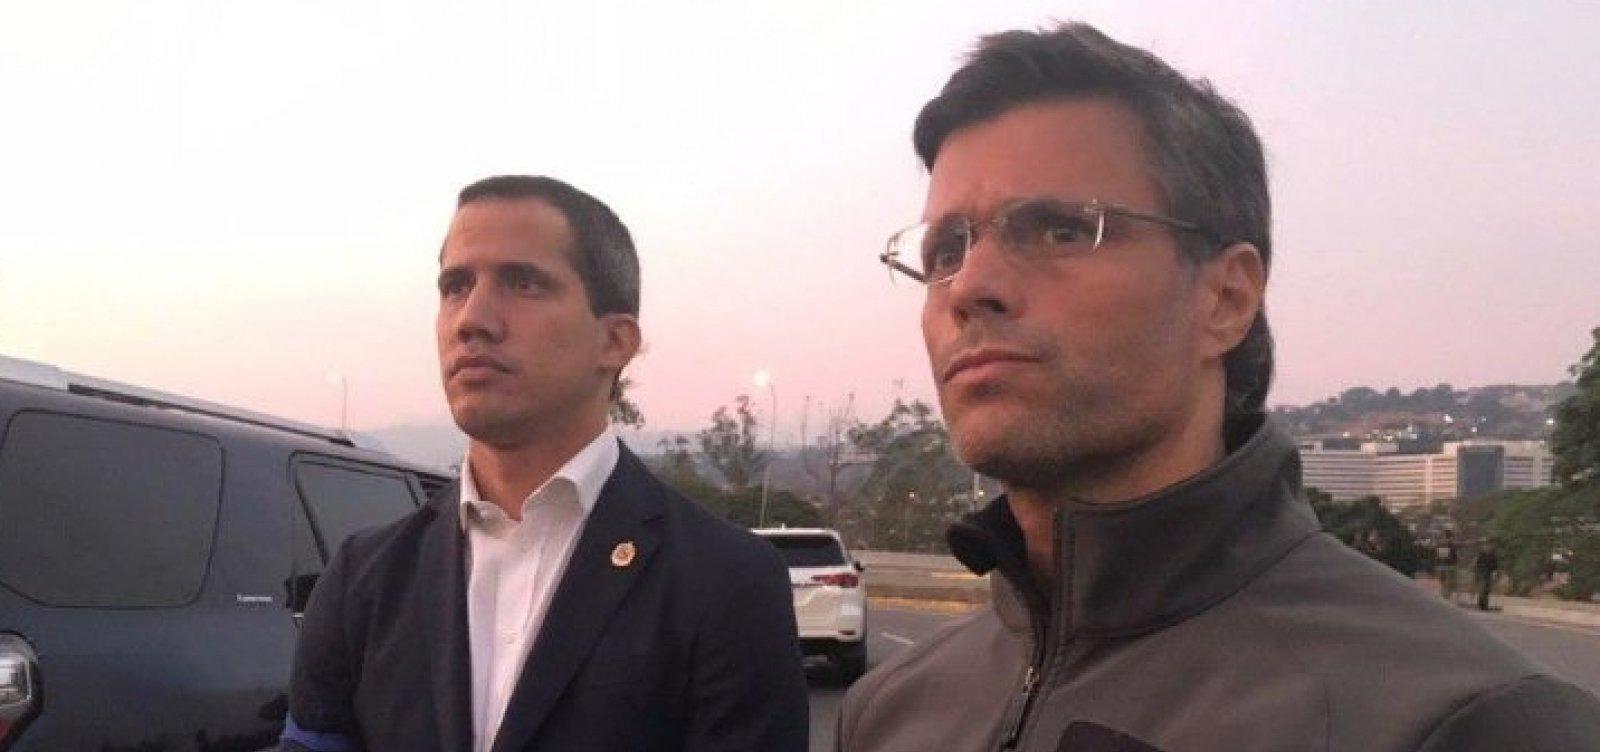 [Justiça venezuelana emite mandado de prisão contra Leopoldo López]